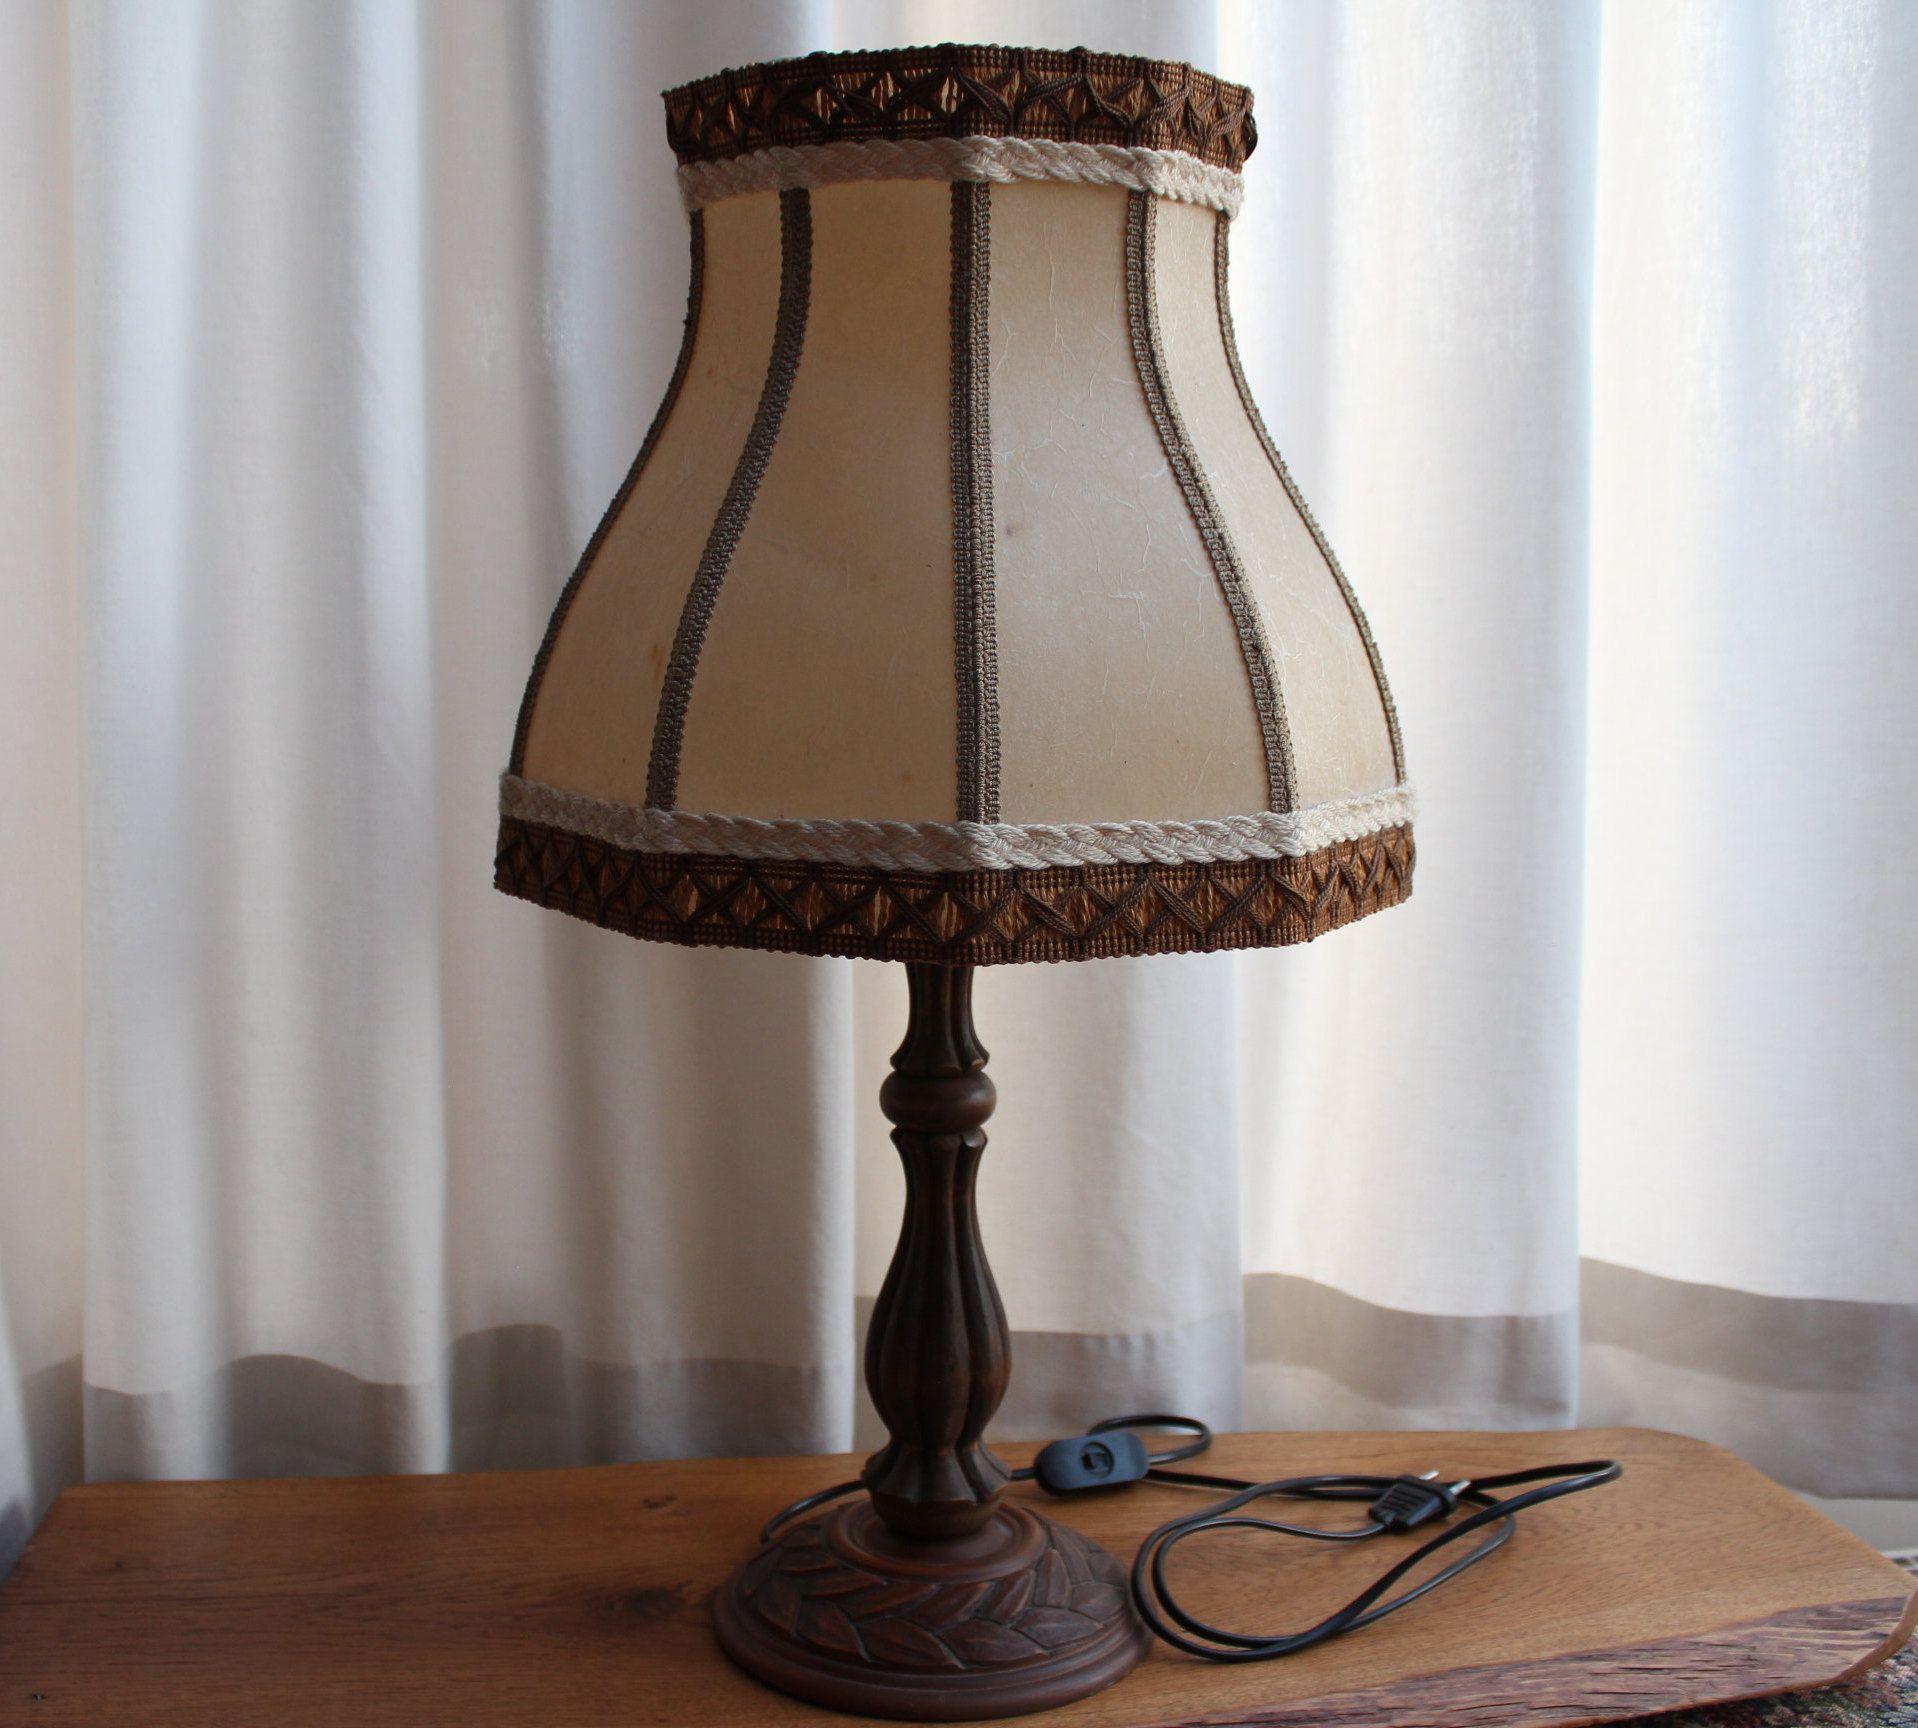 Stehlampe Schirm Vintage